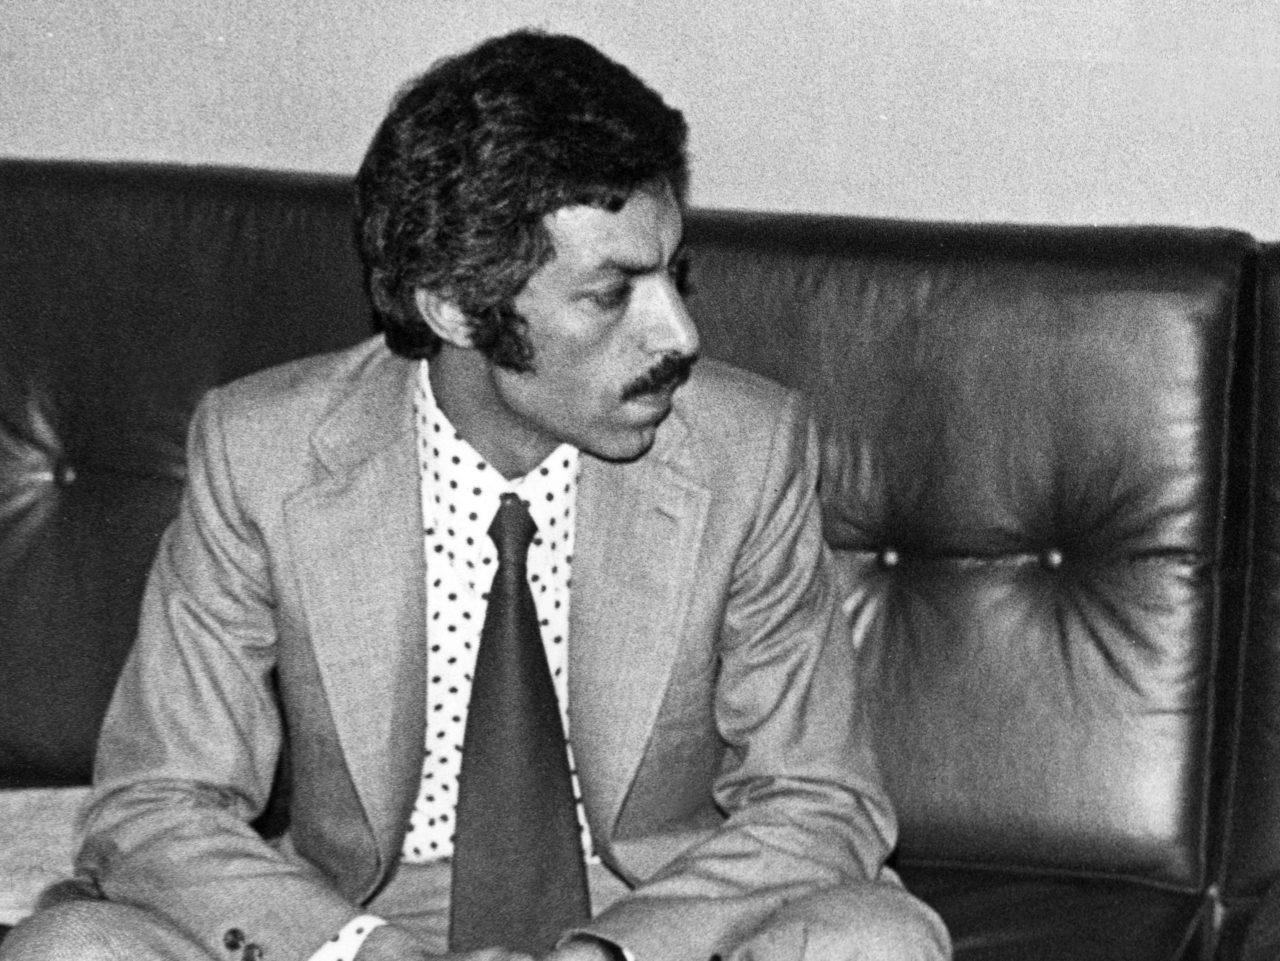 -سلمان-مع-الصحافي-ابراهيم-عامر-1-1280x961.jpg